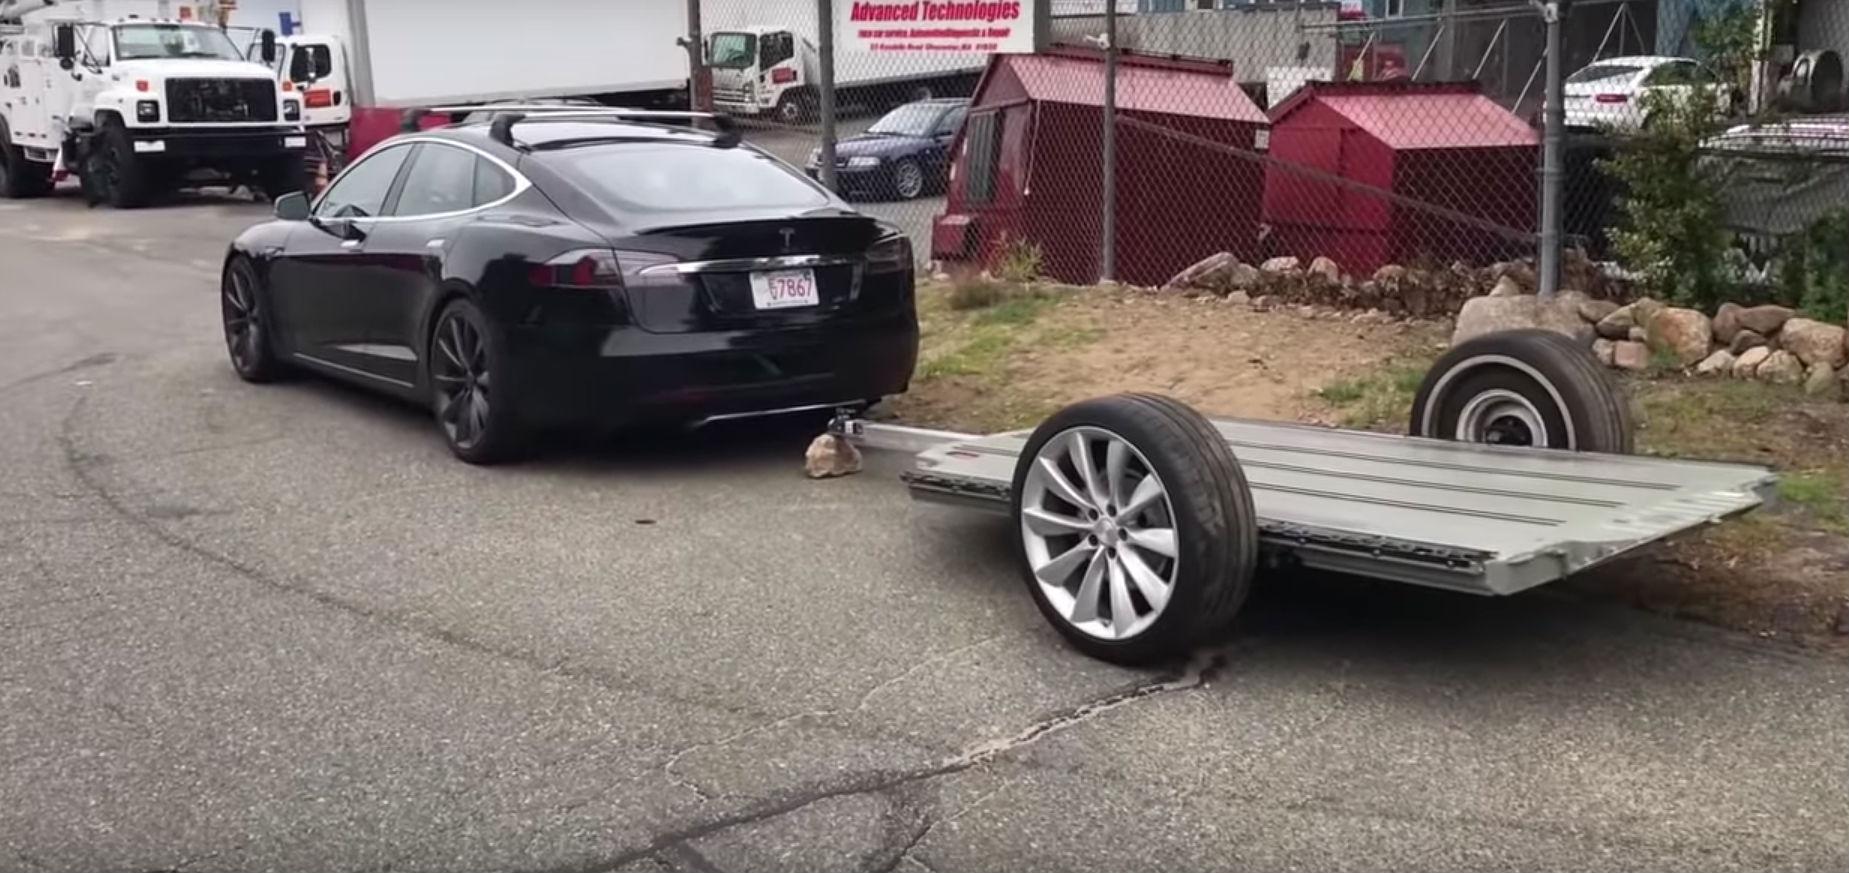 tesla-battery-trailer